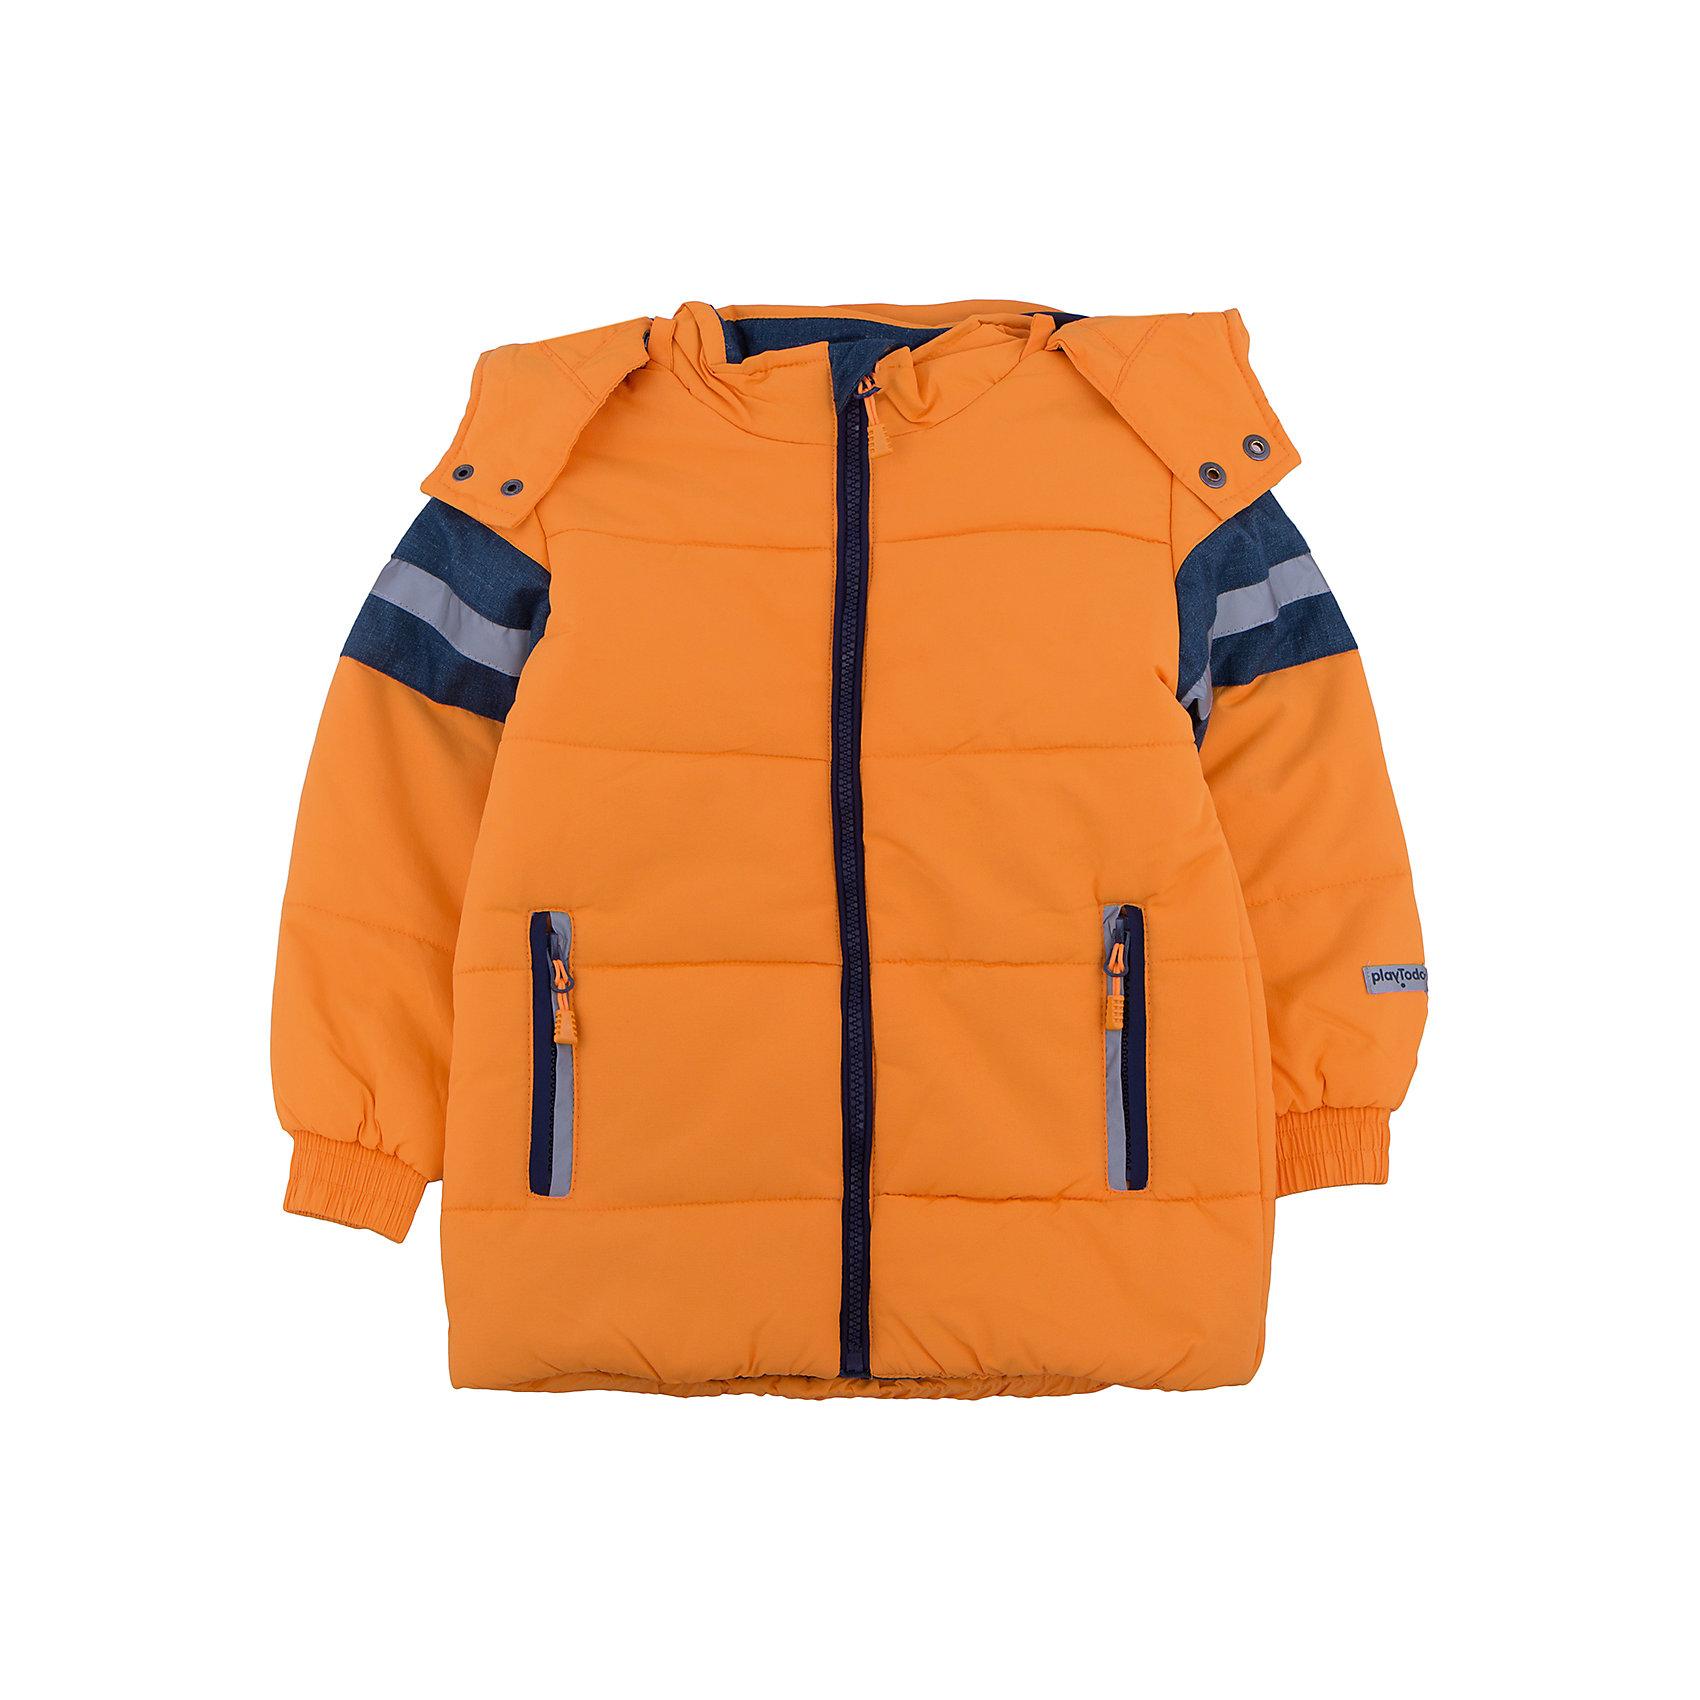 Куртка для мальчика PlayTodayВерхняя одежда<br>Куртка для мальчика от известного бренда PlayToday.<br>Стильная куртка ярко-оранжевого цвета. Украшена полосками с имитацией джинсовой ткани и светоотражателями. Застегивается на молнию с защитой подбородка. Рукава и низ на резинке. Есть два функциональных кармана на молнии. Капюшон утягивается стопперами и удобно отстегивается.<br>Состав:<br>Верх: 100% нейлон, подкладка: 100% полиэстер, наполнитель: 100% полиэстер, 260 г/м2<br><br>Ширина мм: 356<br>Глубина мм: 10<br>Высота мм: 245<br>Вес г: 519<br>Цвет: оранжевый<br>Возраст от месяцев: 72<br>Возраст до месяцев: 84<br>Пол: Мужской<br>Возраст: Детский<br>Размер: 122,104,128,116,110,98<br>SKU: 4896731